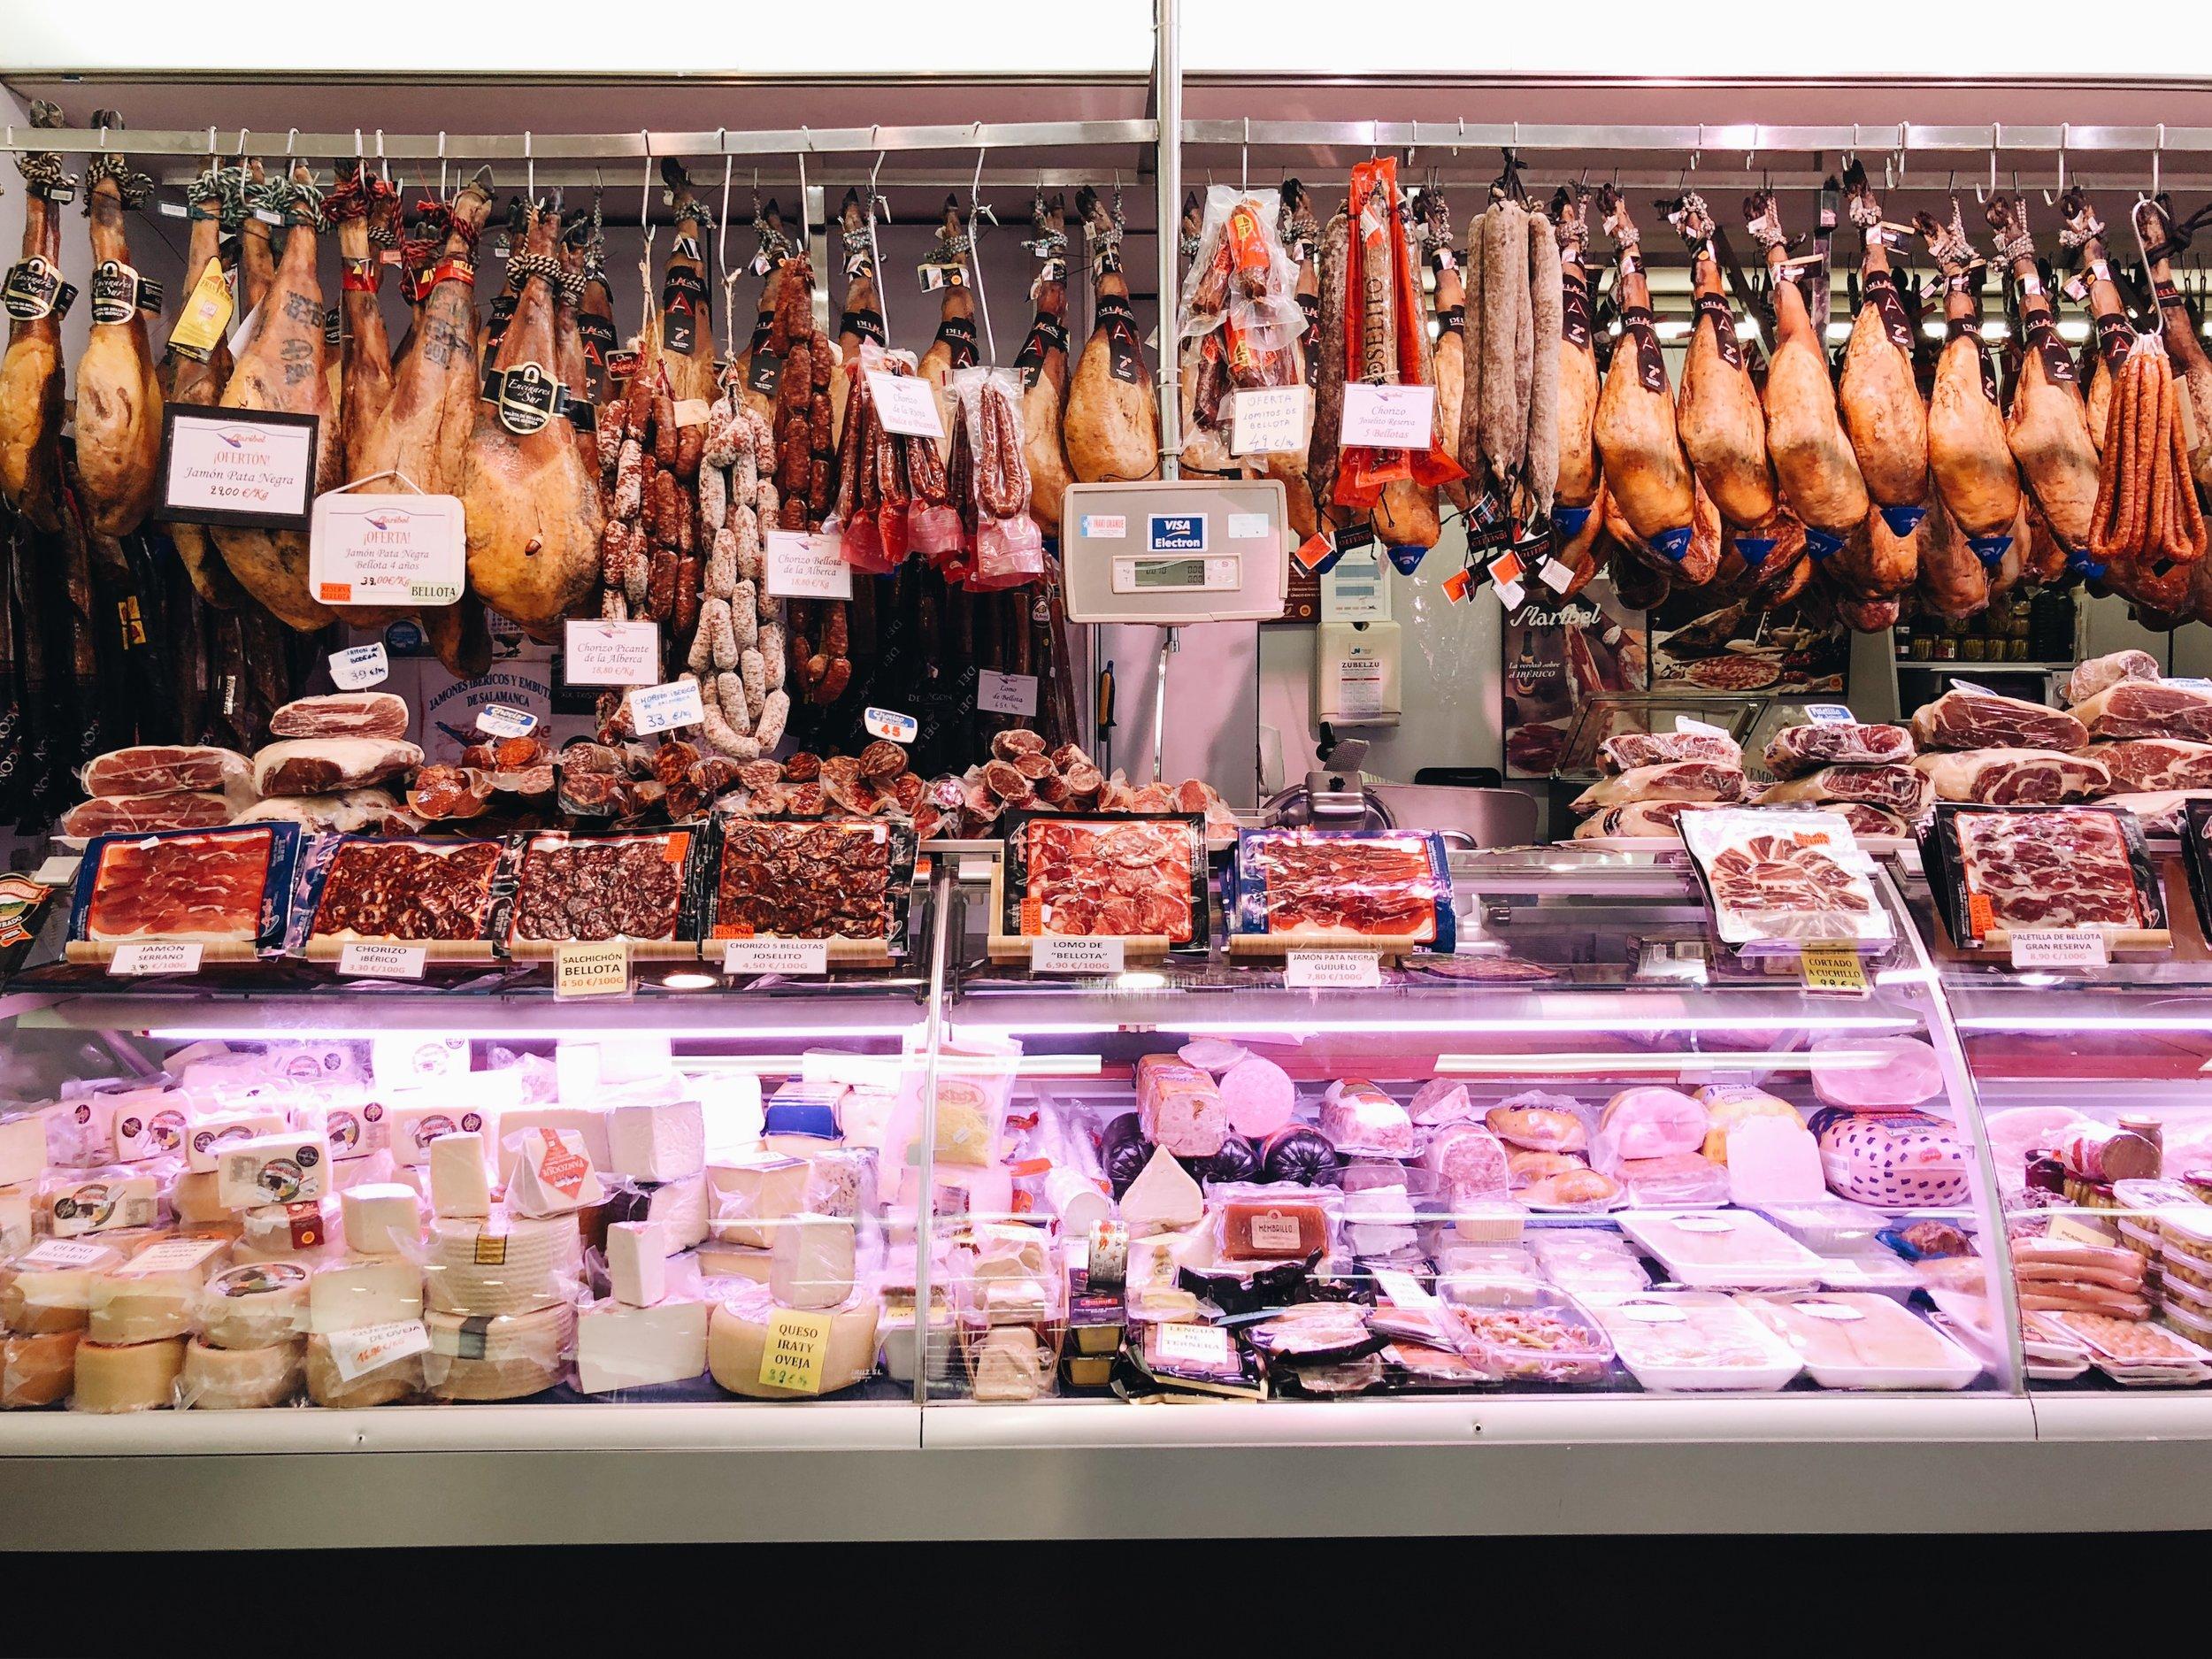 jamon at Mercado de San Martin San Sebastian